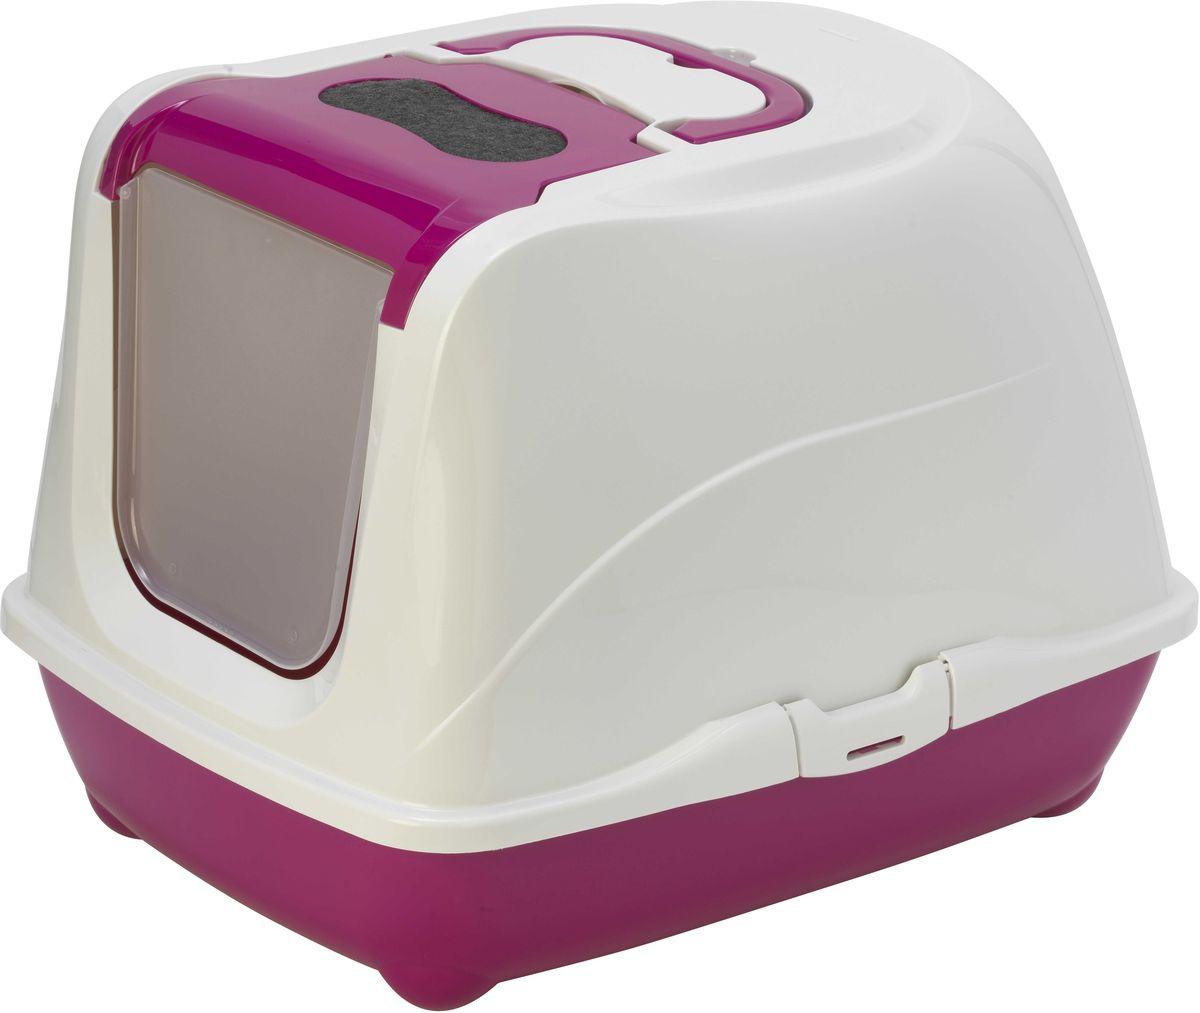 Туалет для больших кошек Moderna  Flip Cat , закрытый, цвет: ярко-розовый, 58 х 45 х 42 см - Наполнители и туалетные принадлежности